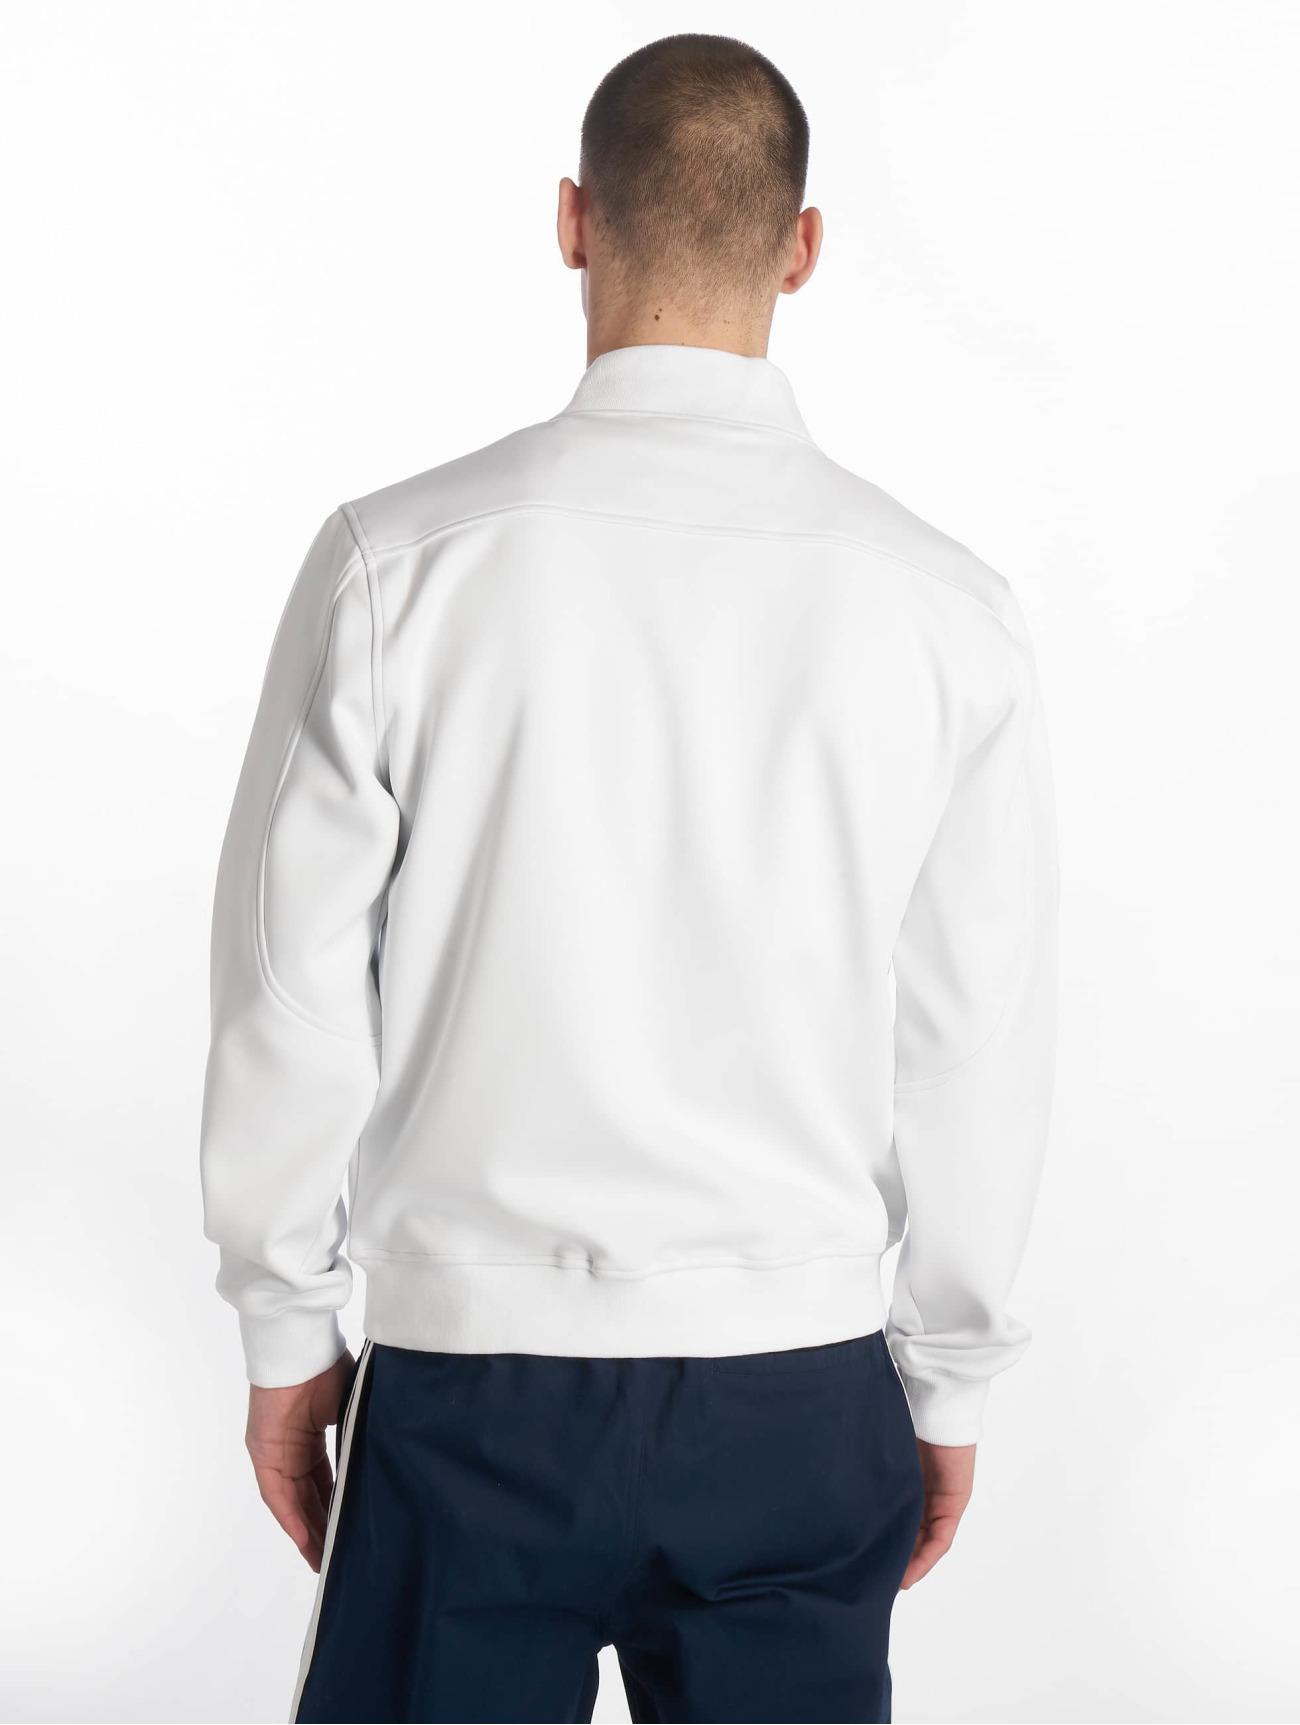 Urban Classics | Neopren   blanc Homme Veste mi-saison légère  201783| Homme Manteaux & Vestes